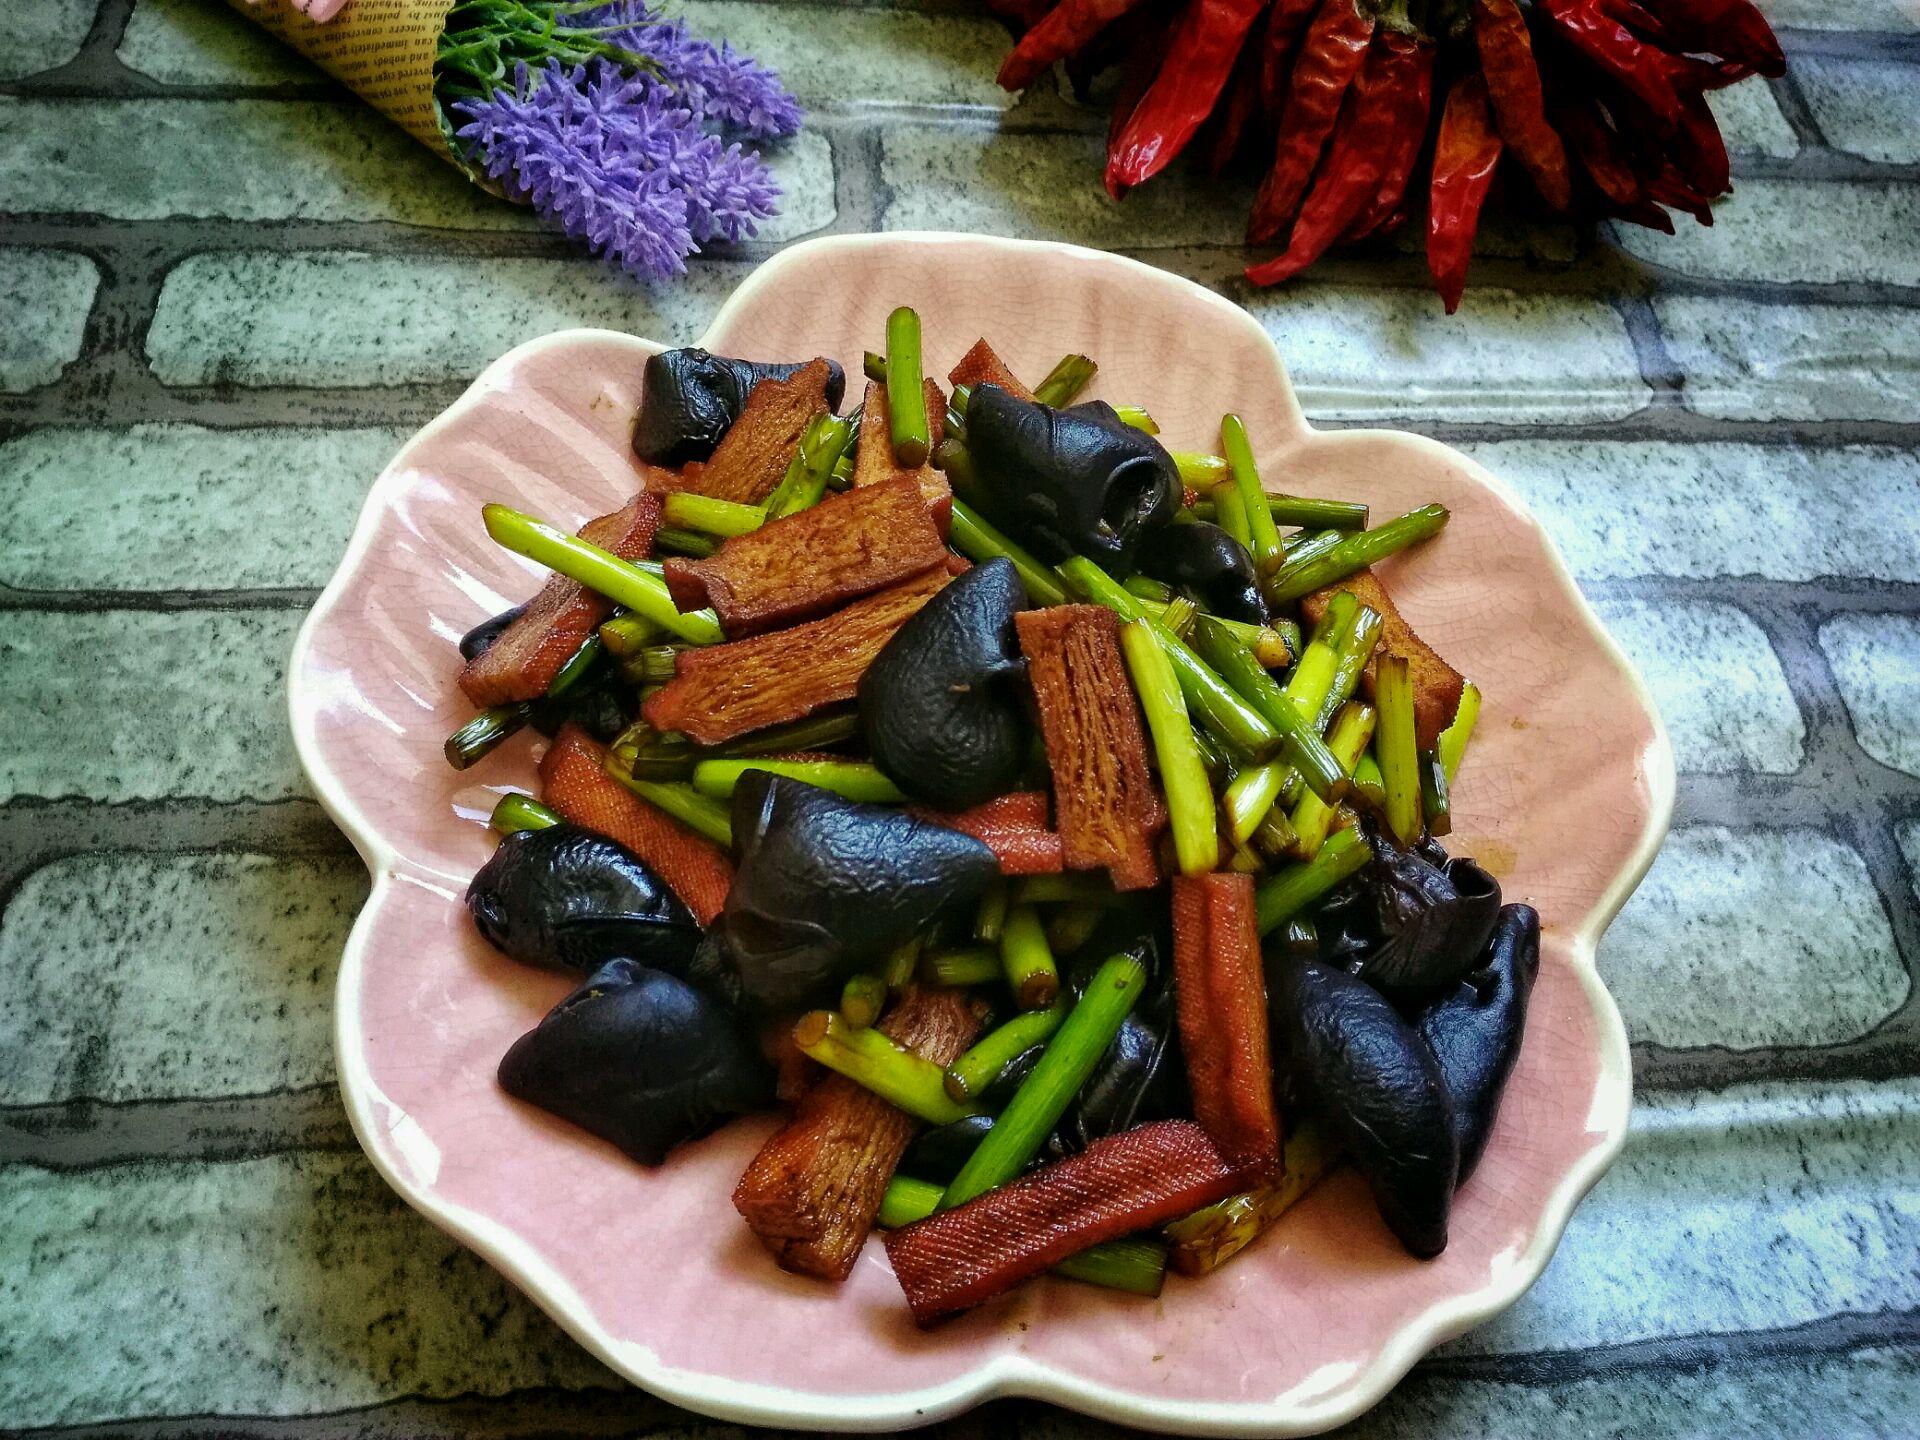 家常菜—快炒蒜苔香干的做法图解6